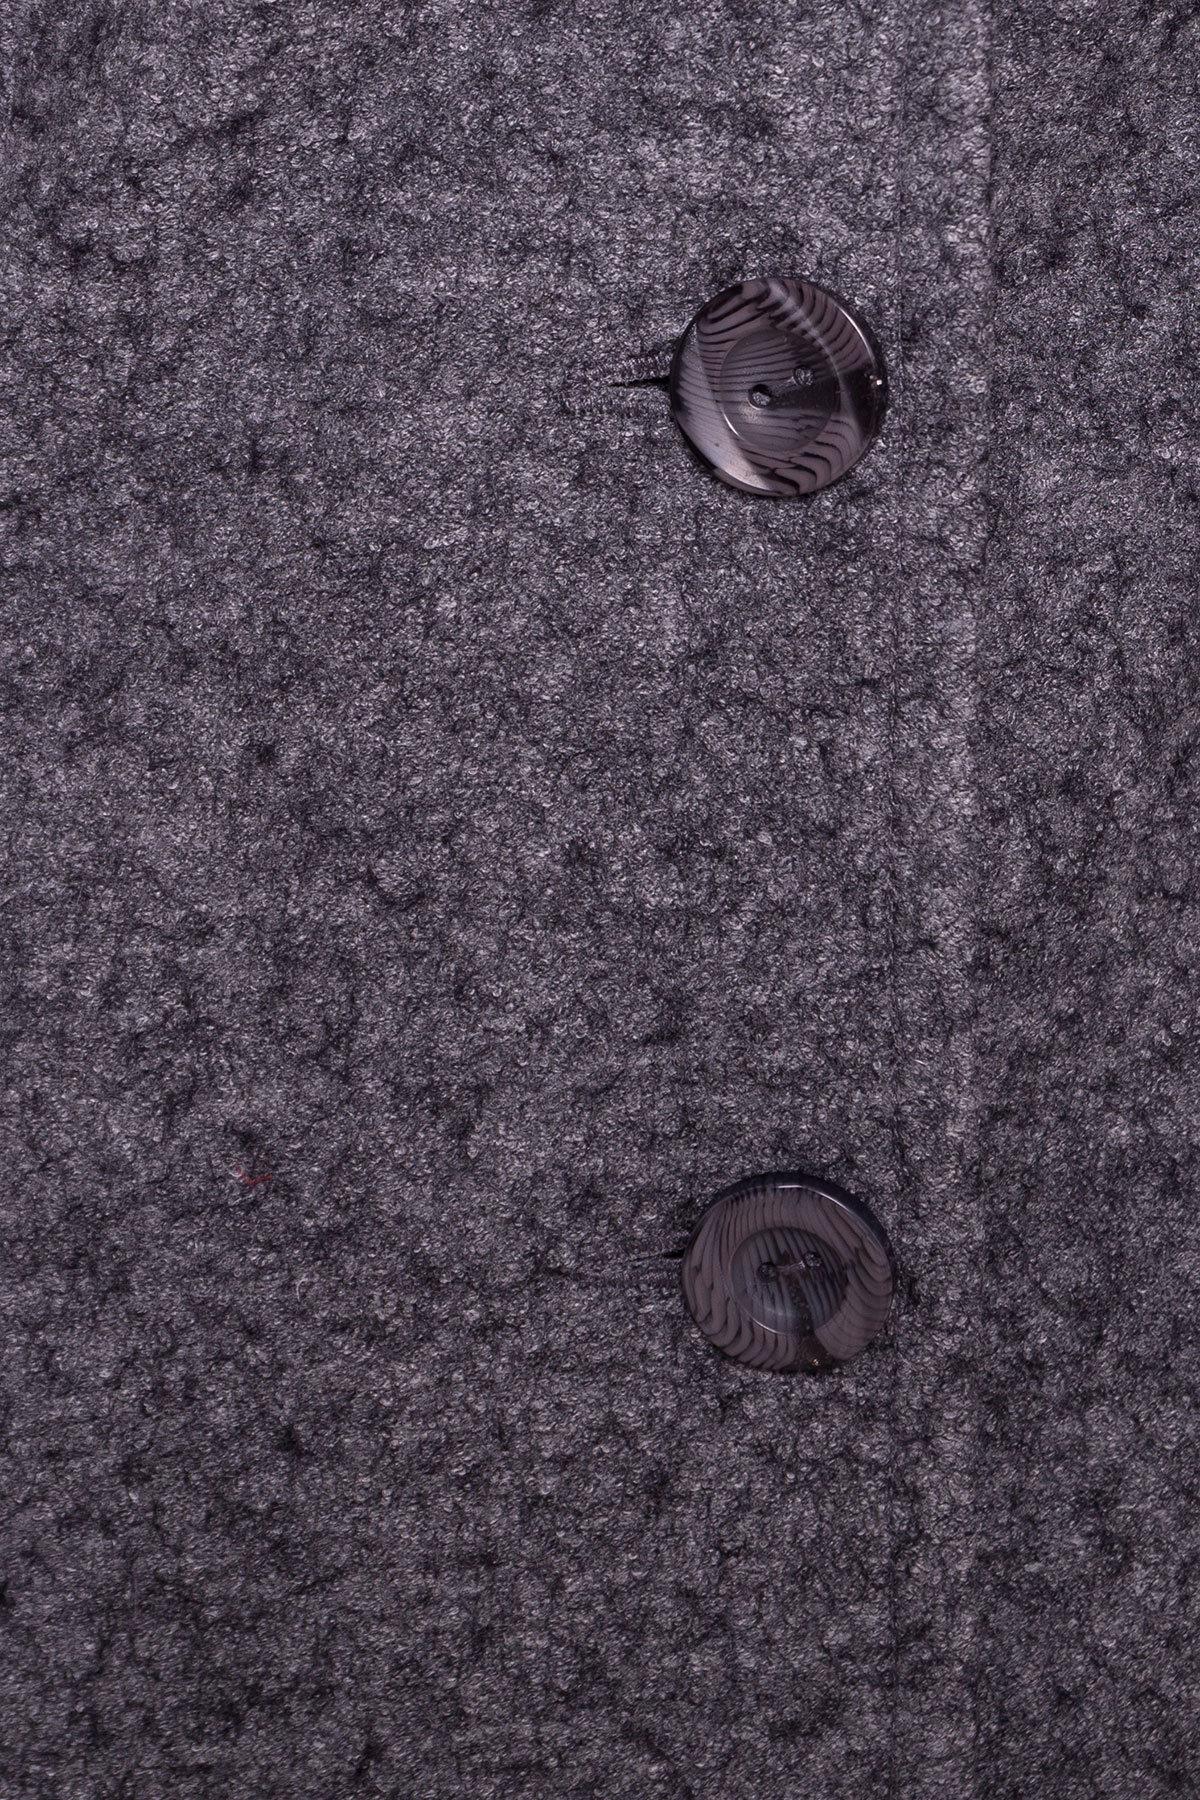 Пальто Джани 4676 АРТ. 34074 Цвет: Серый Темный LW-5 - фото 5, интернет магазин tm-modus.ru